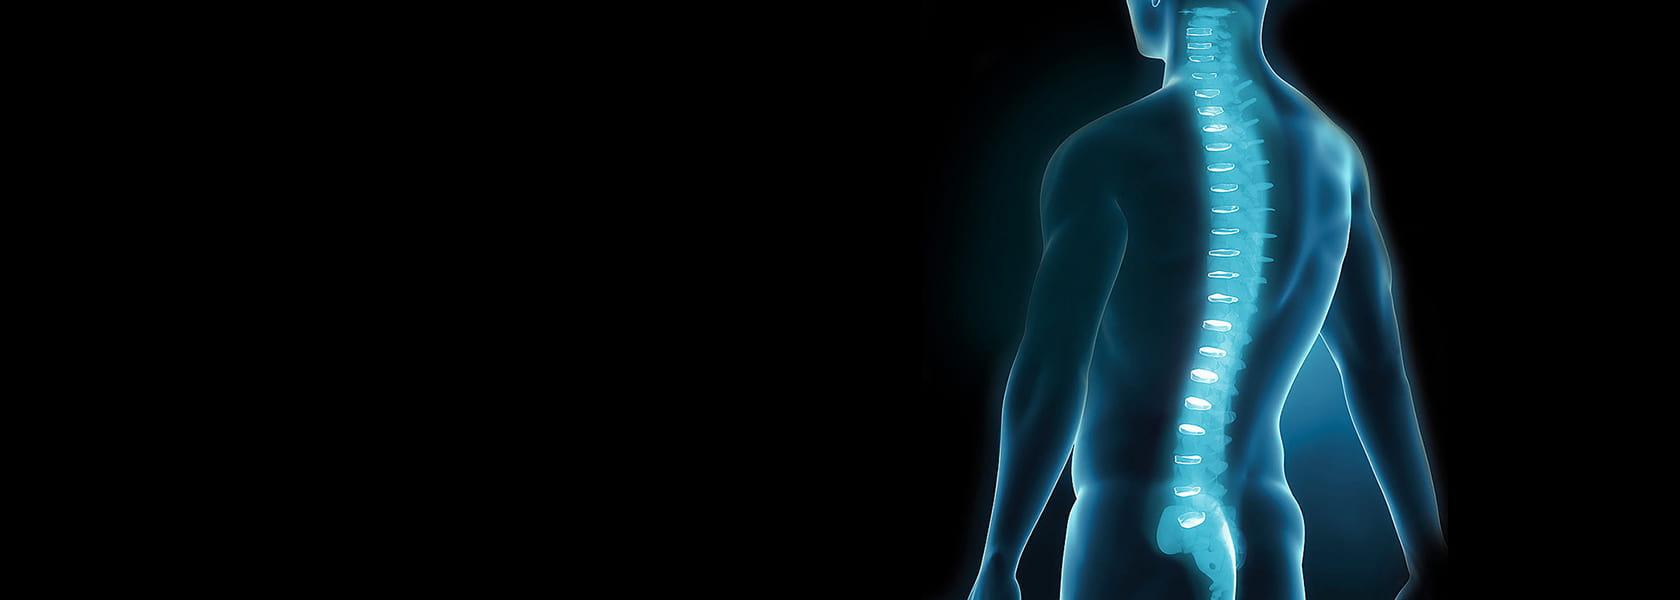 Оборудование и хирургические инструменты для ортопедии от KLS Martin